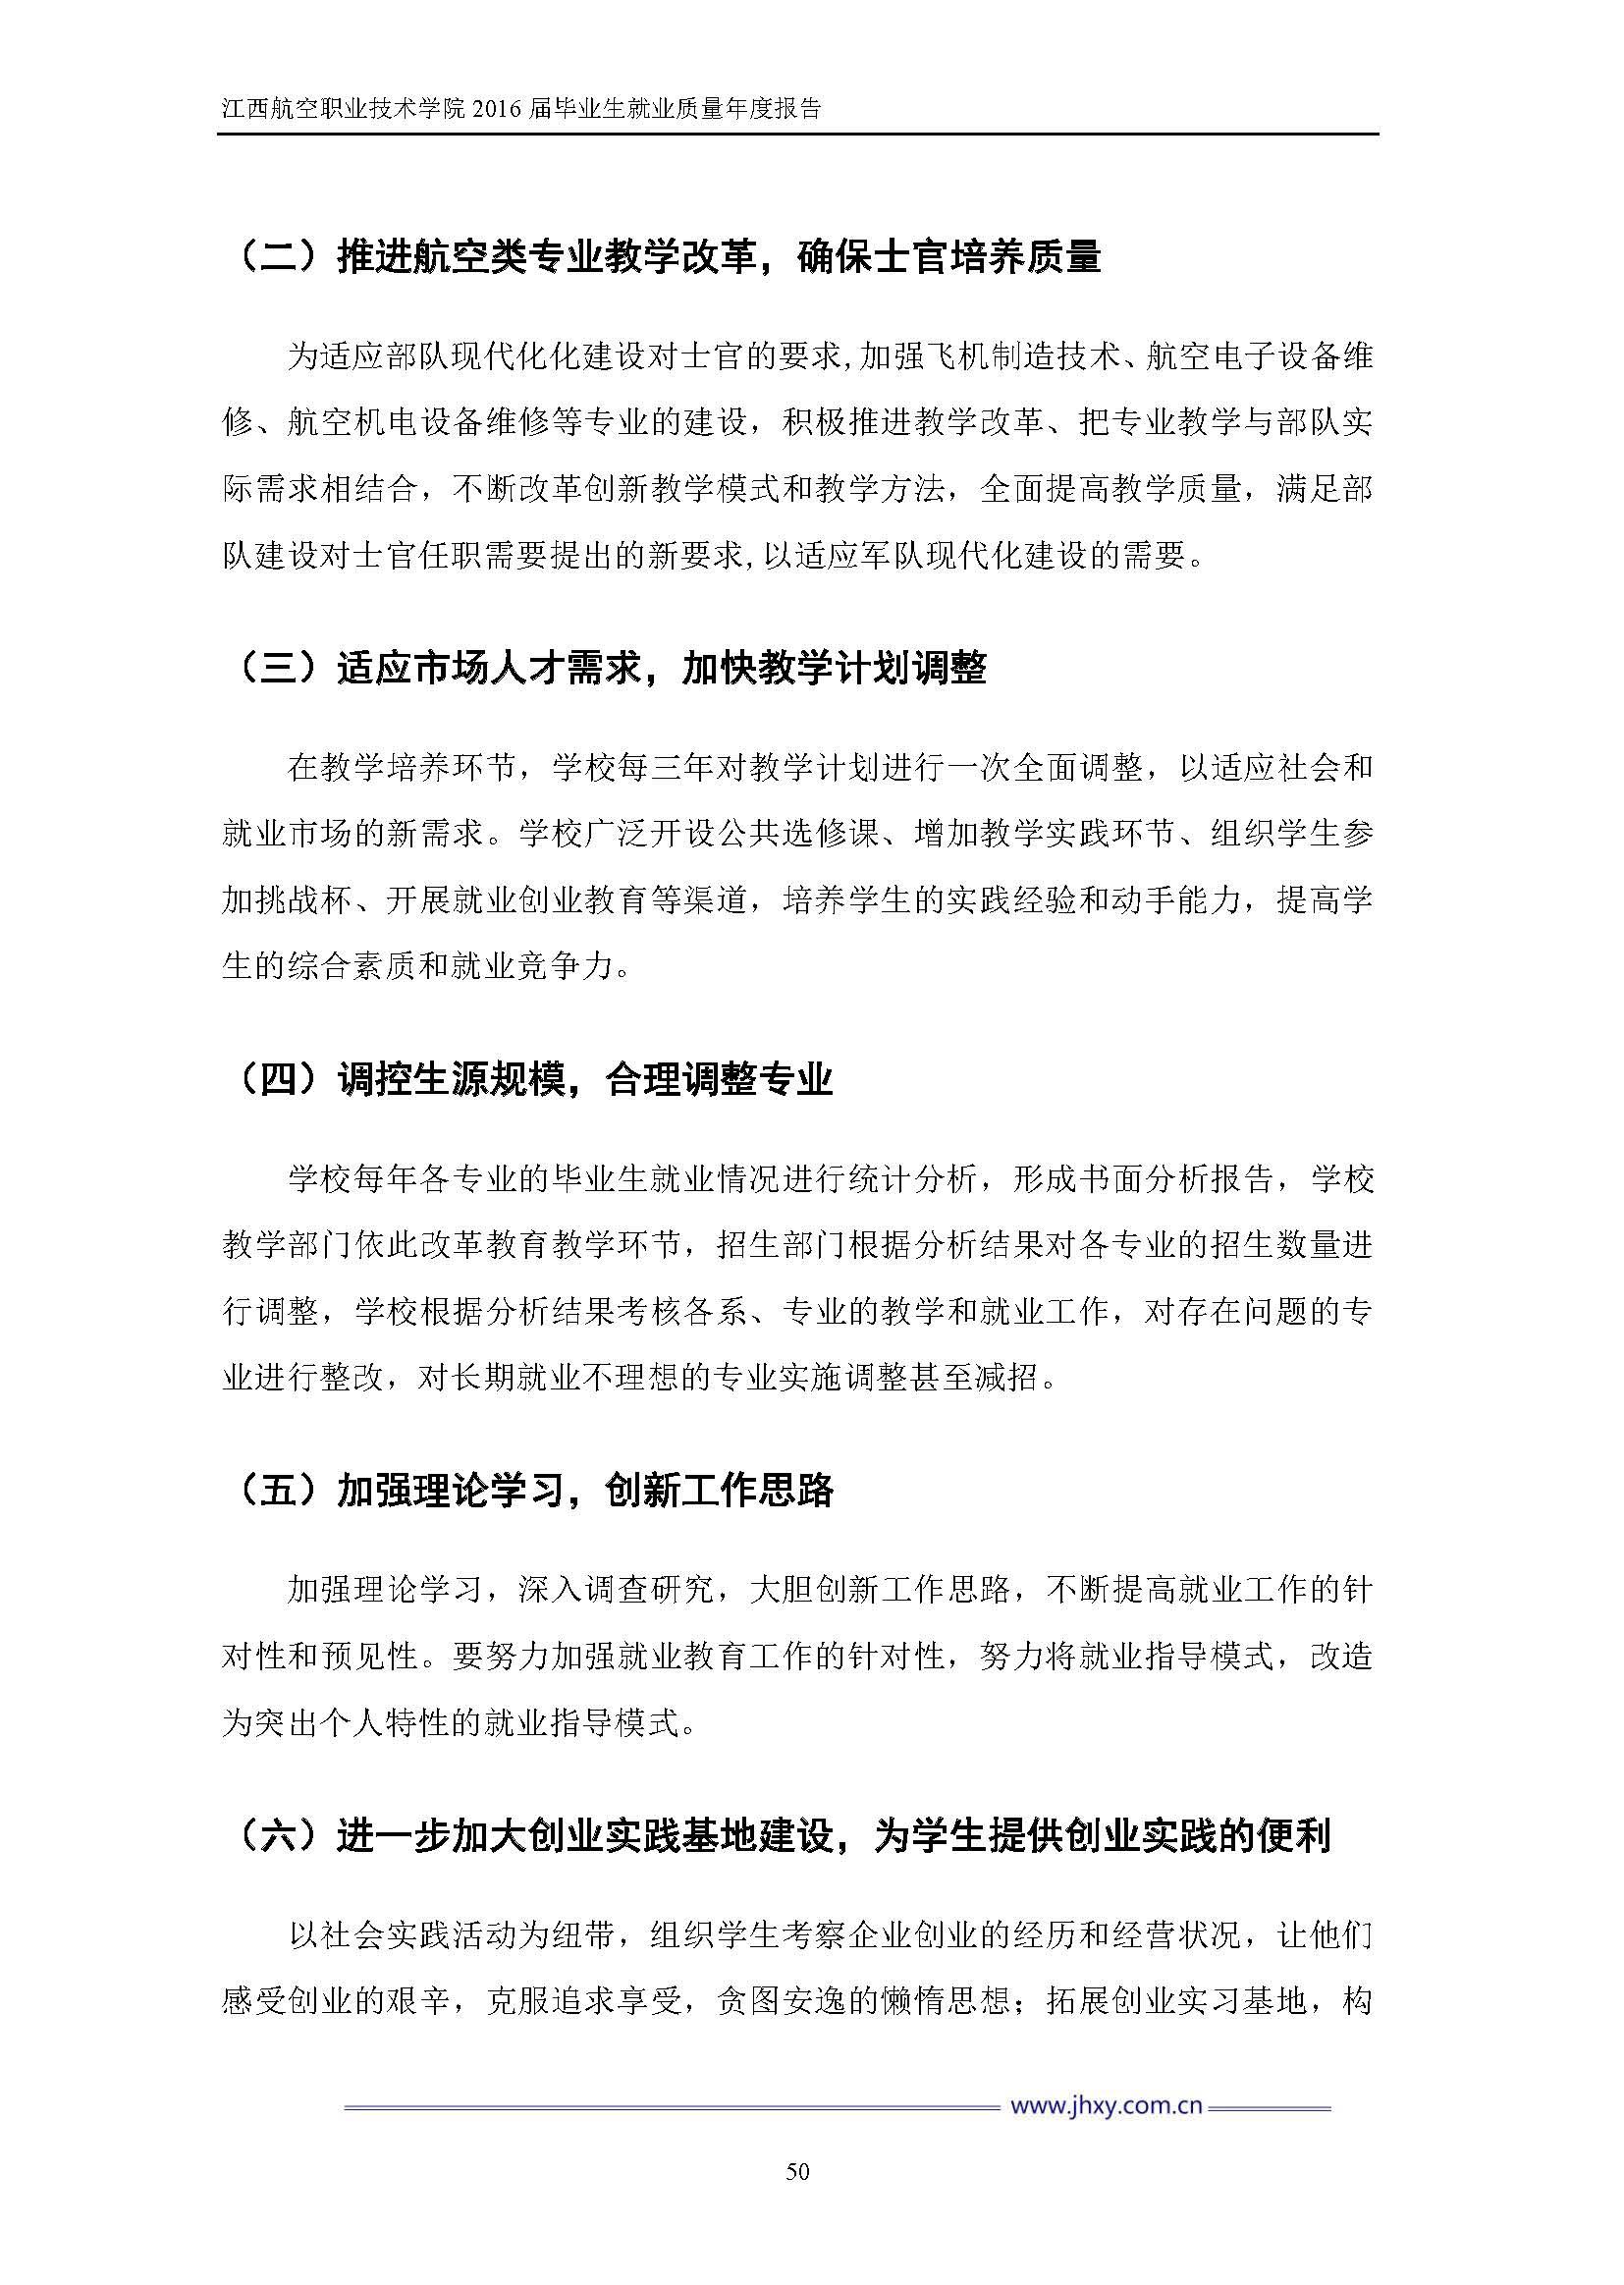 江西航空职业技术学院2016届毕业生就业质量年度报告_Page_57.jpg